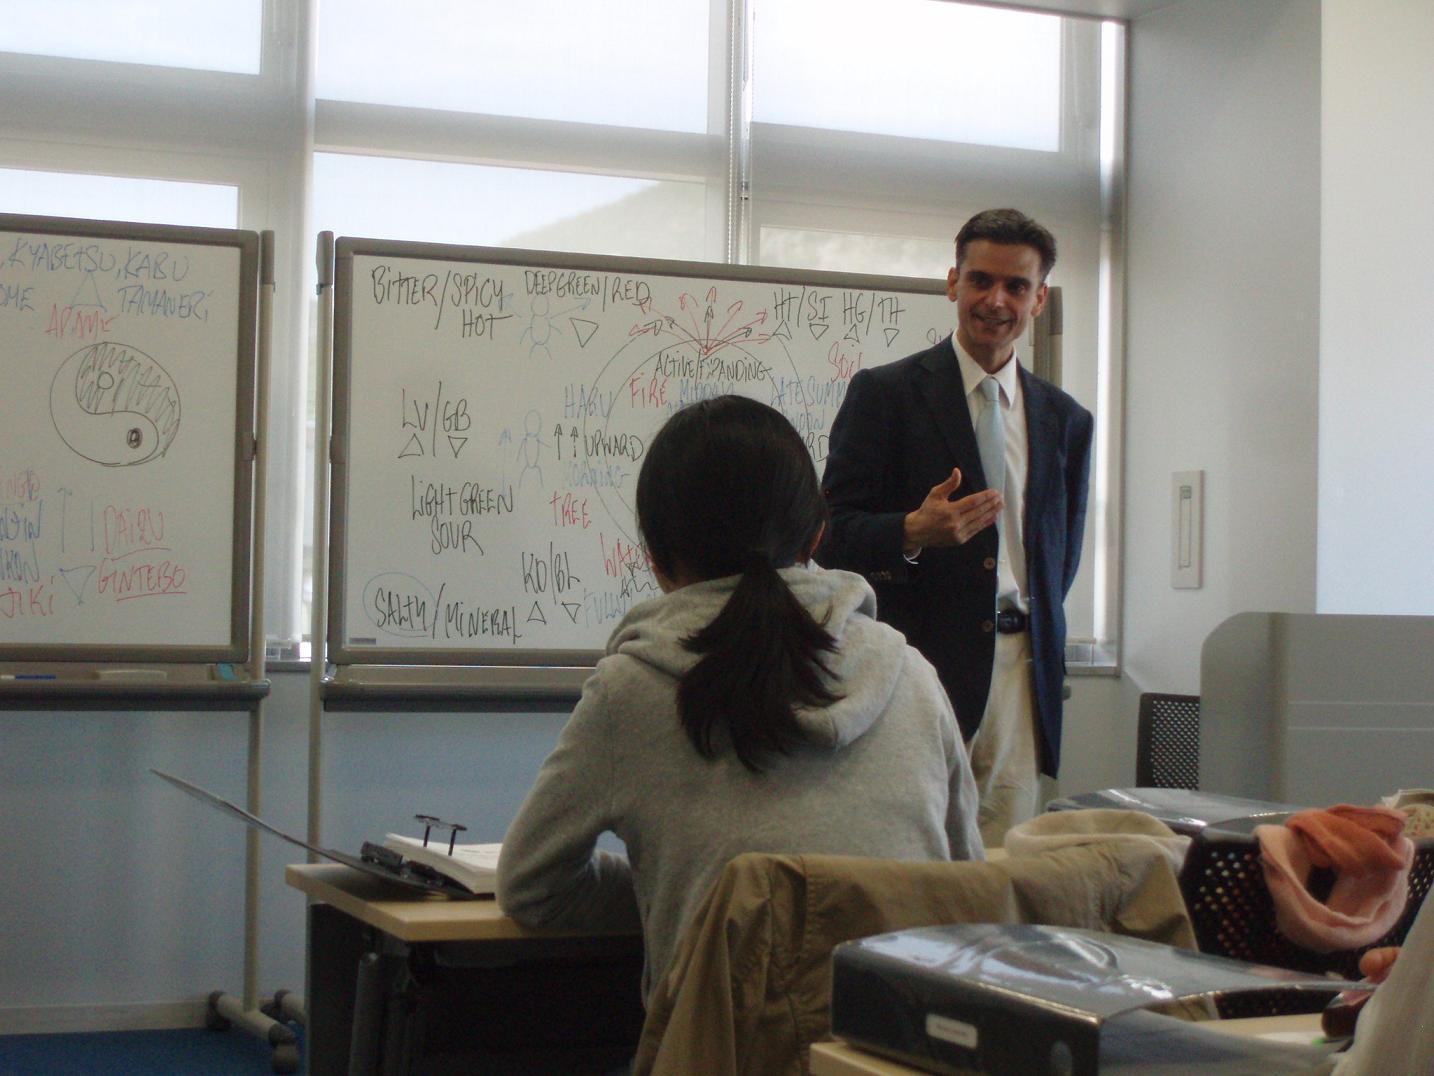 日本滞在記⑦ 広島レベル2の講義と調理実習_f0095325_13194183.jpg